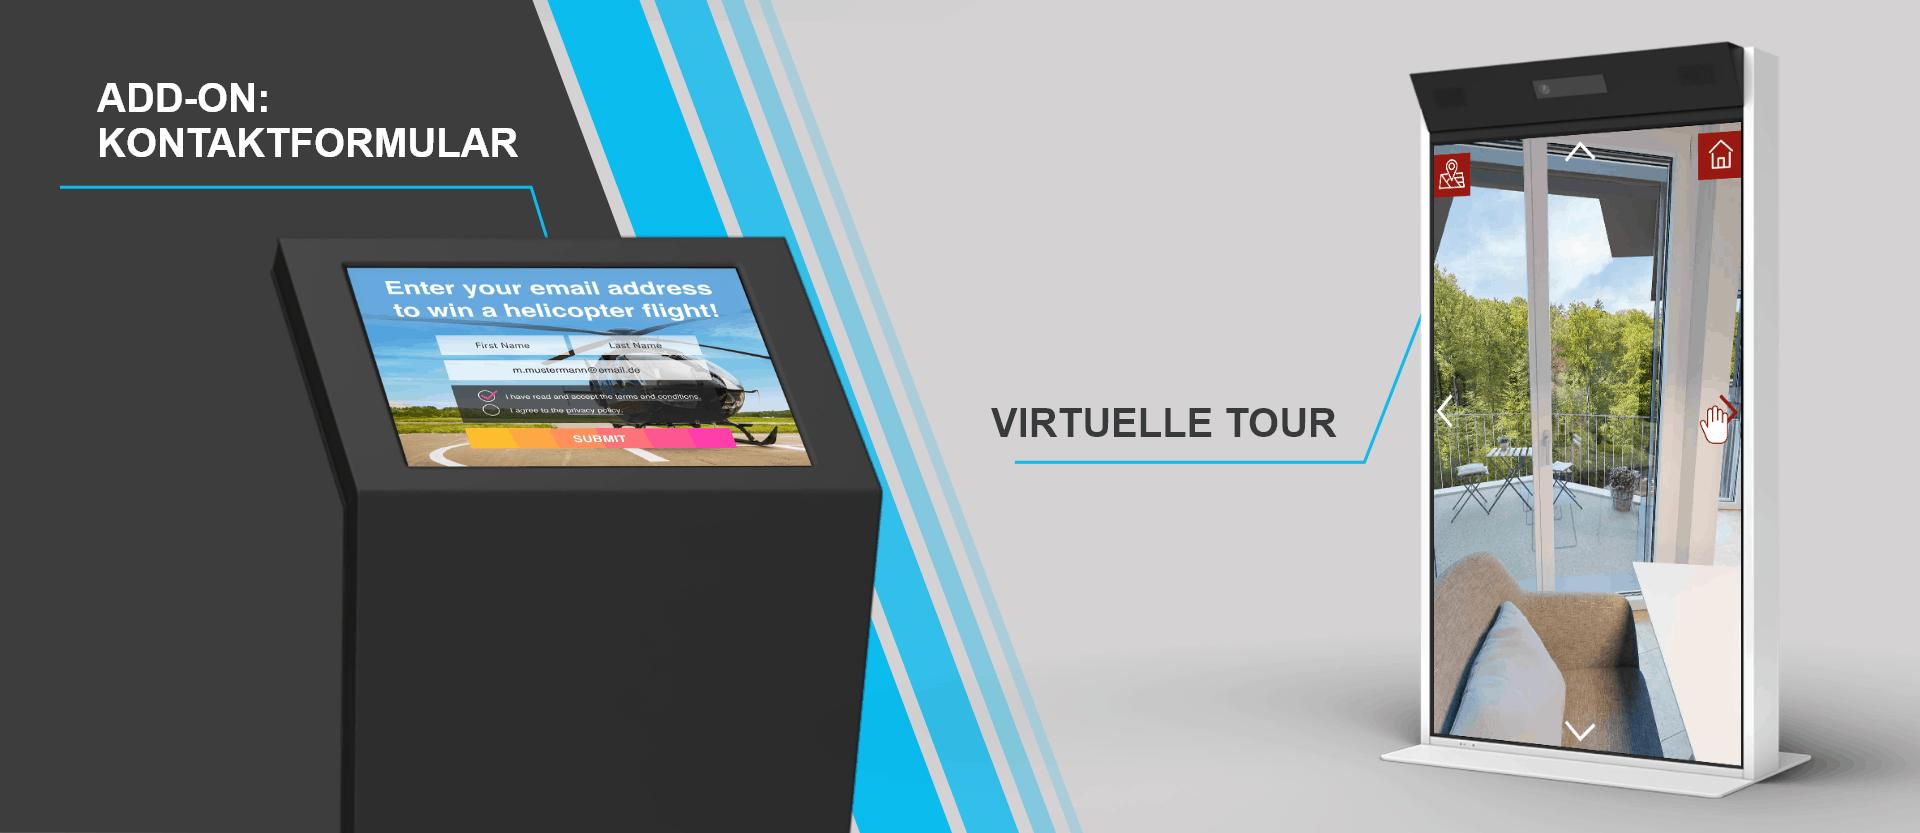 Conteact Form Virtual tour DE